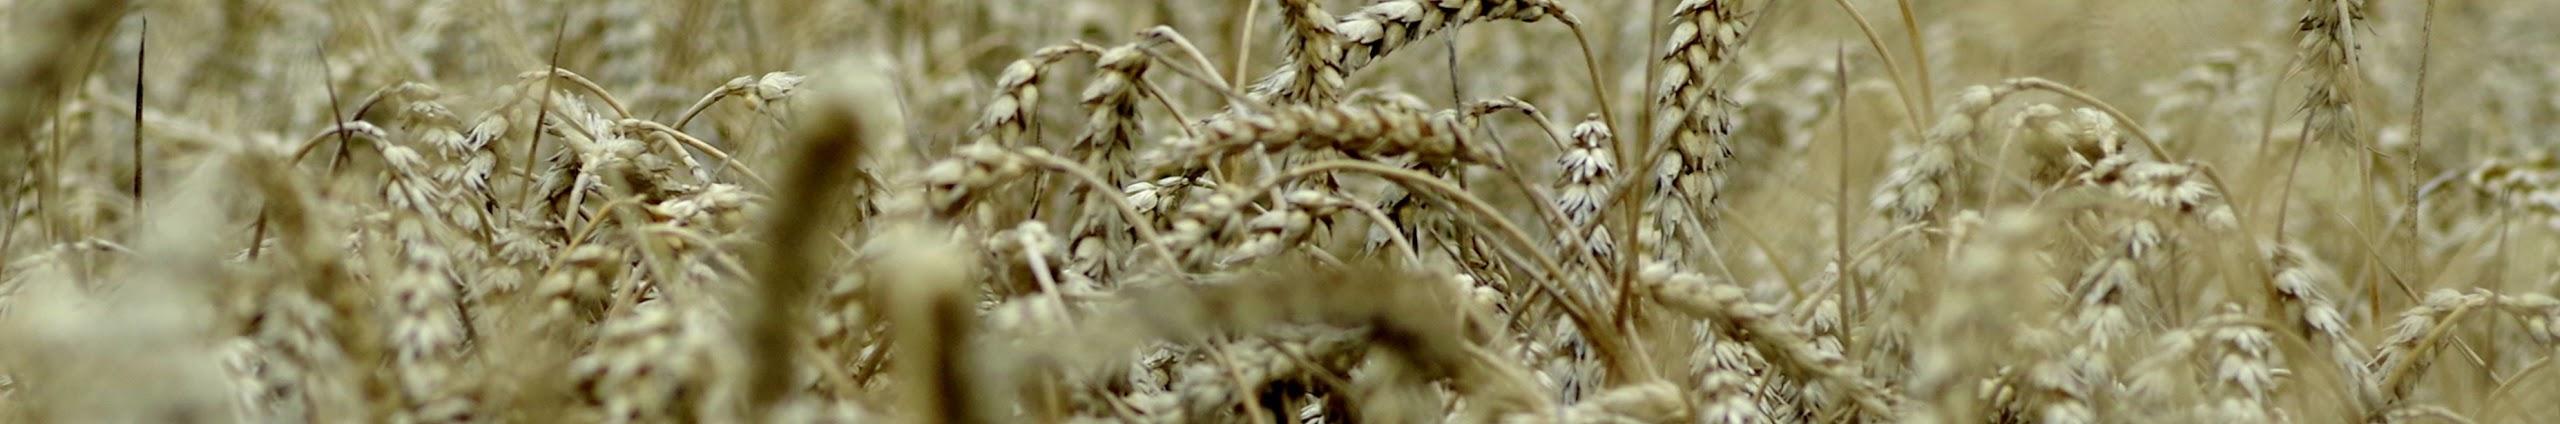 Iniciar el alquiler maquinaria agrícola - Funcionalidades Premium